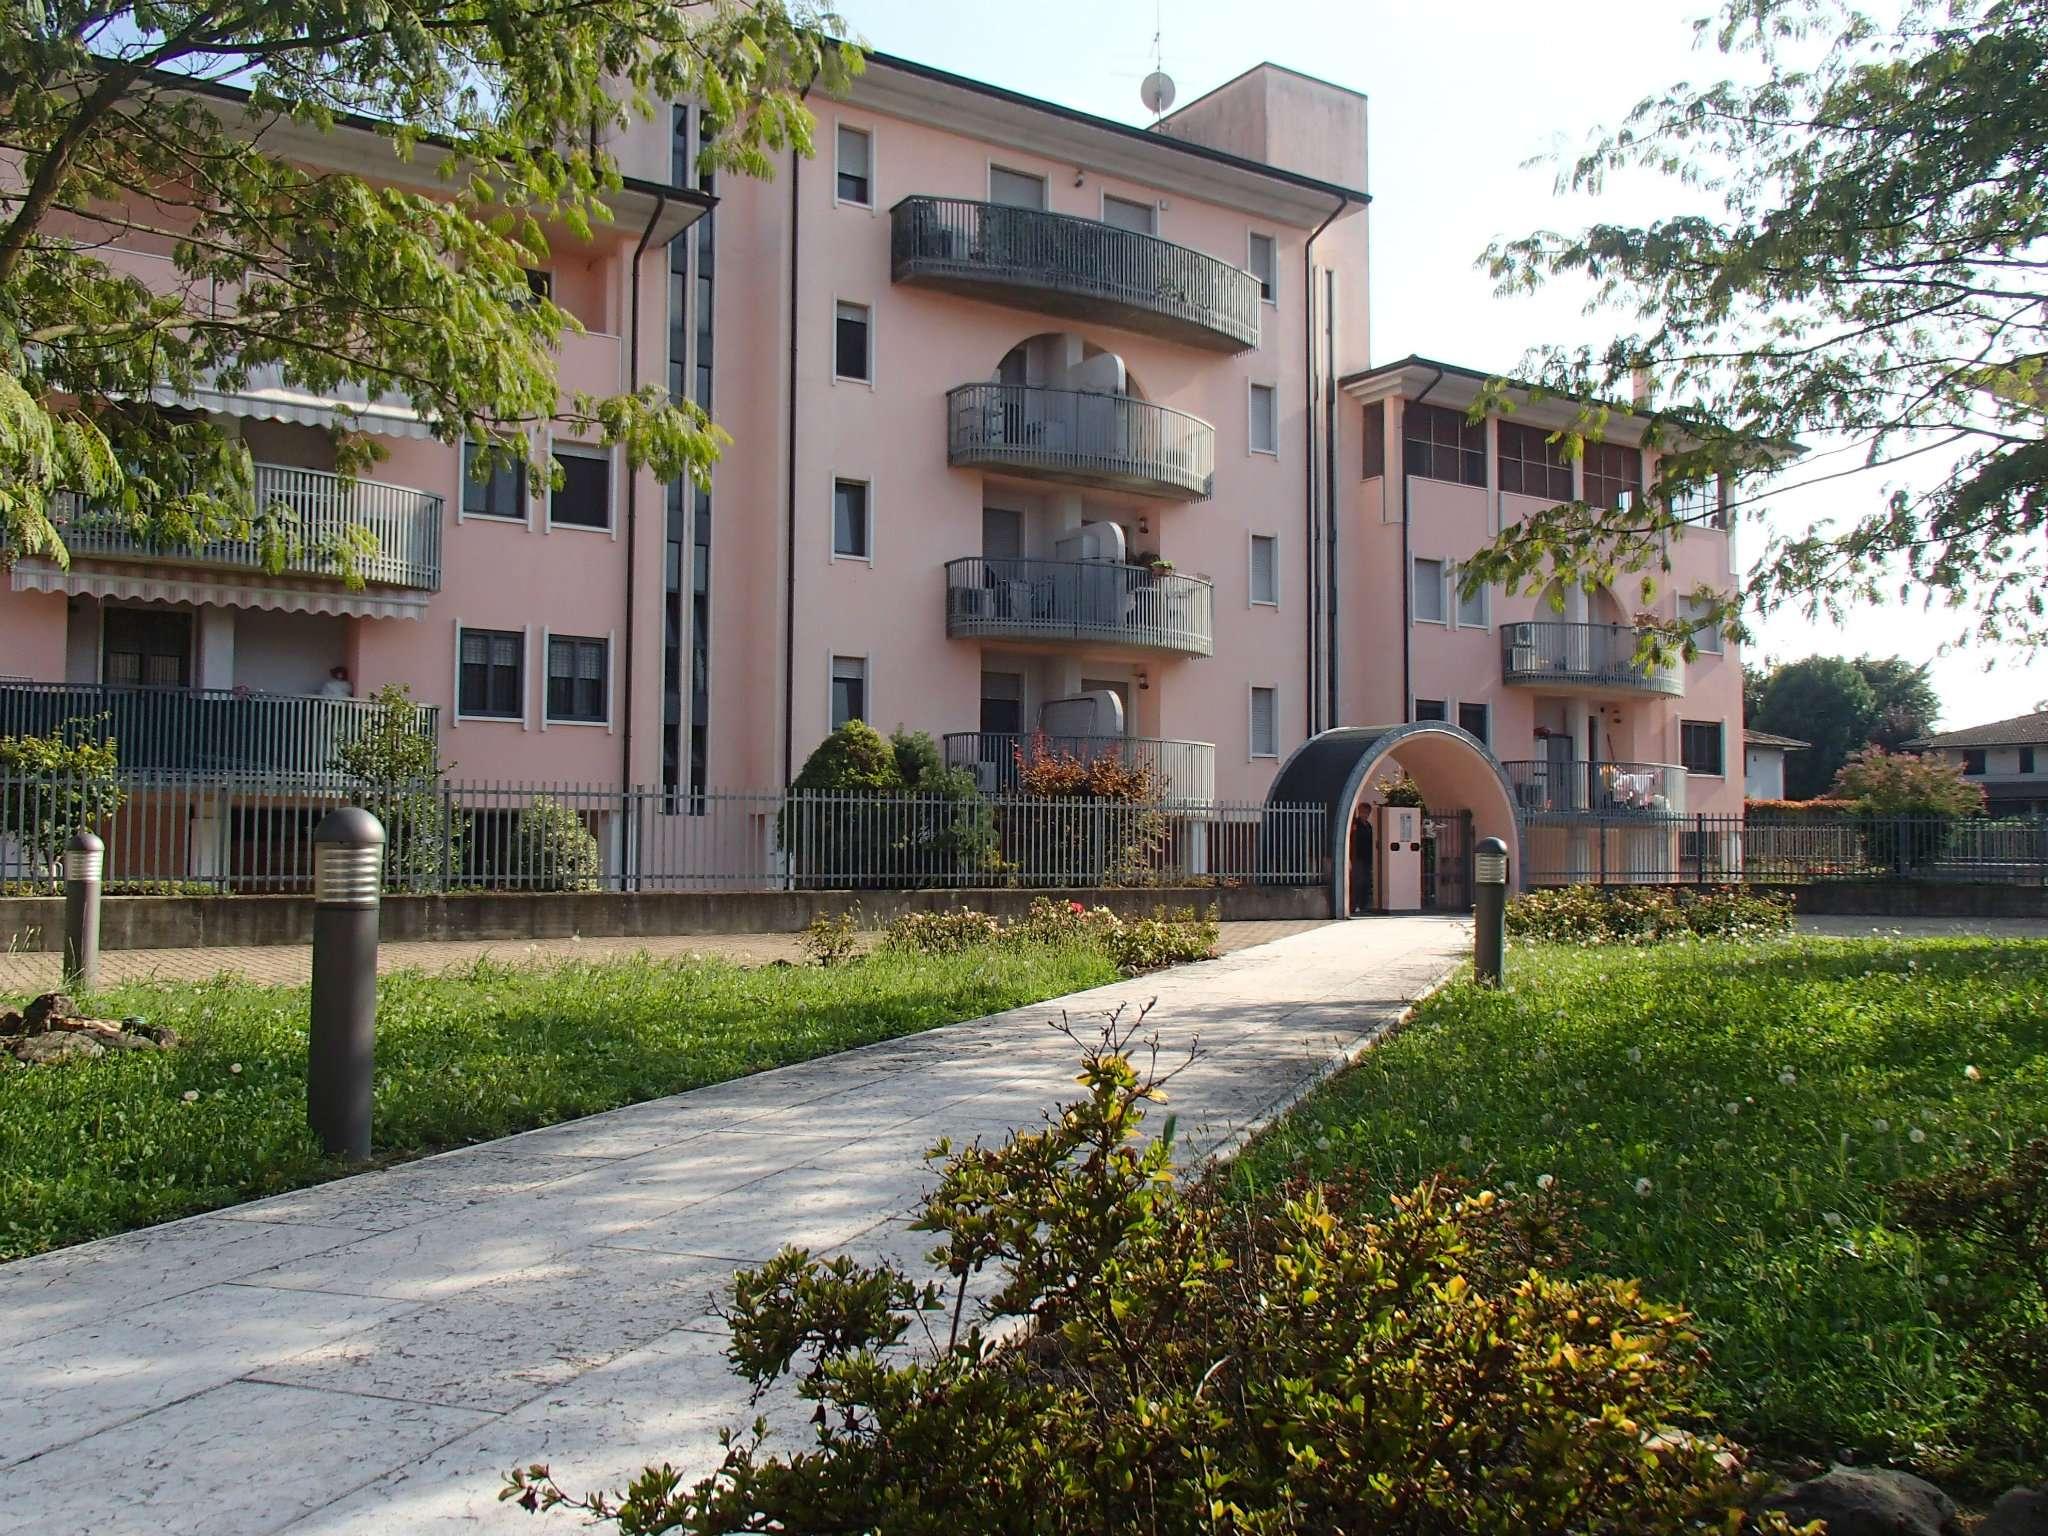 Appartamento in vendita a Landriano, 2 locali, prezzo € 80.000 | CambioCasa.it